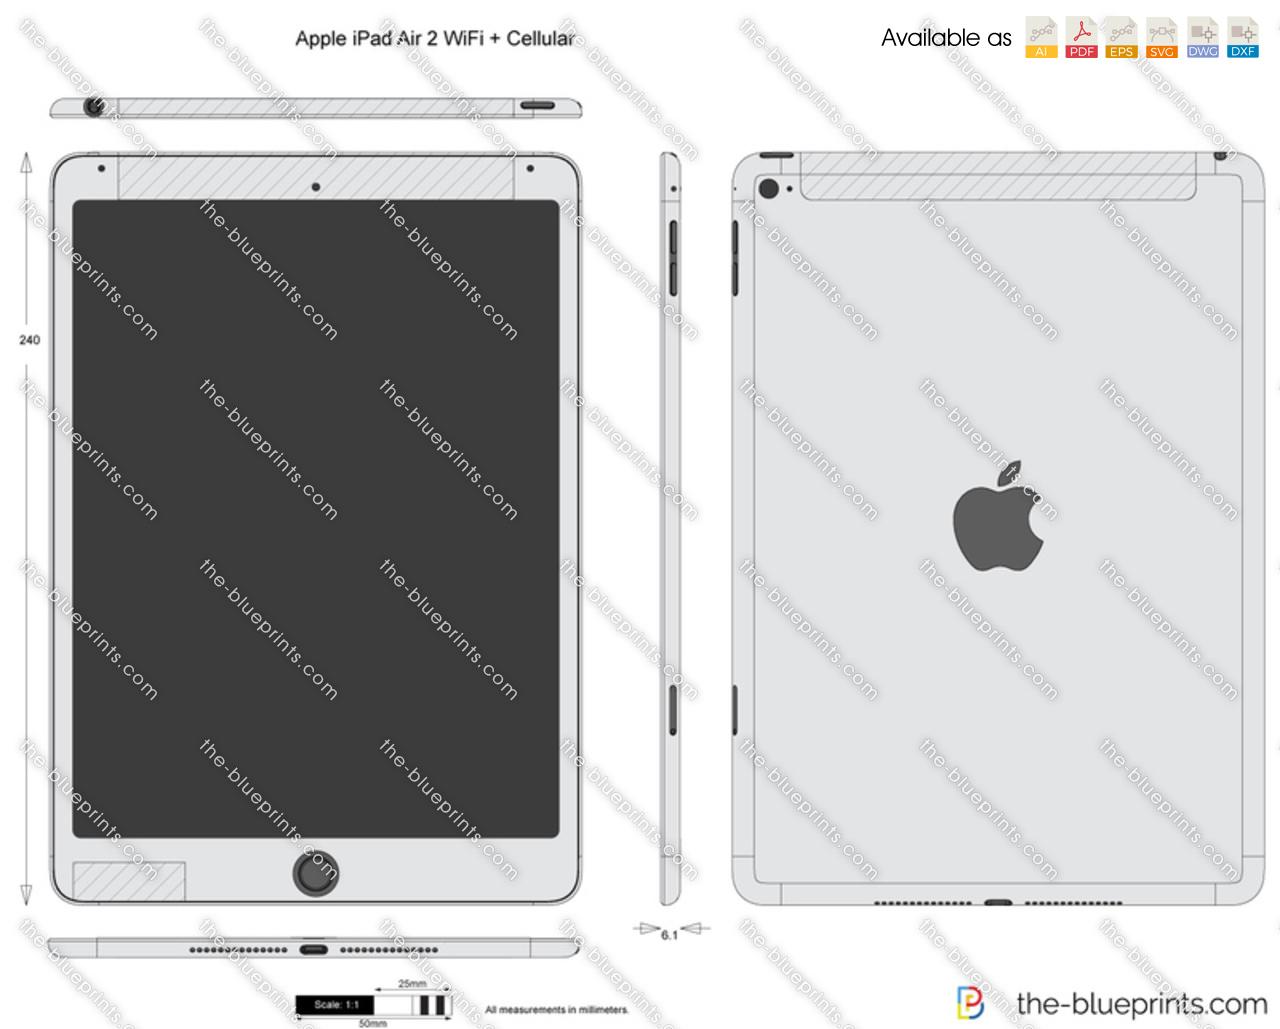 Apple iPad Air 2 WiFi + Cellular